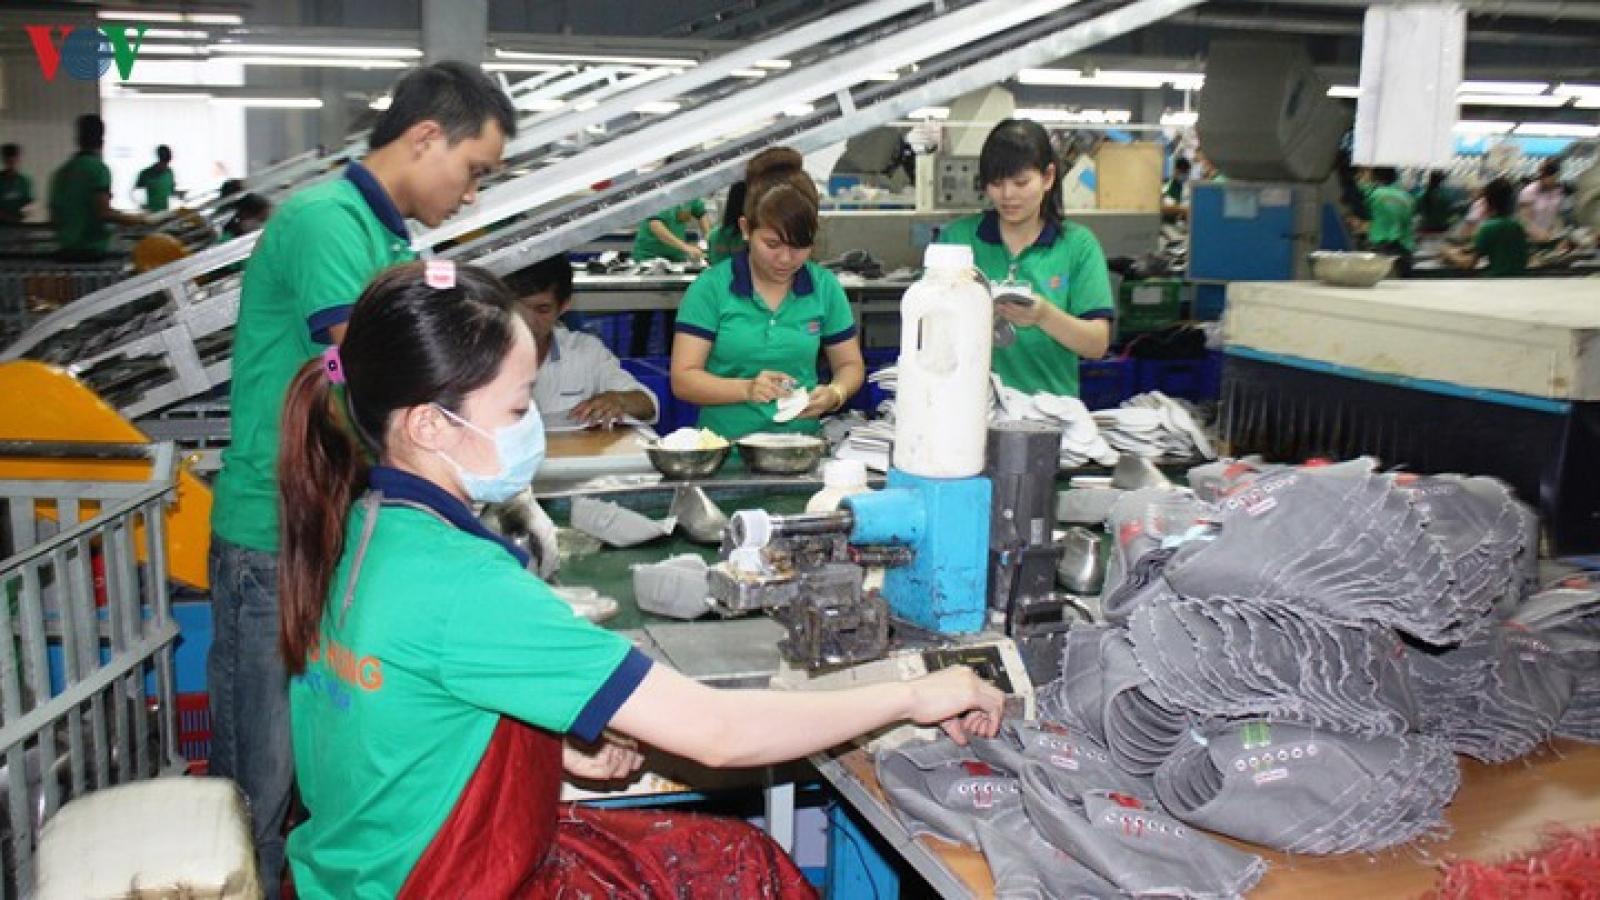 Khoảng 1 triệu lao động được nhận hỗ trợ từ nguồn kinh phí công đoàn